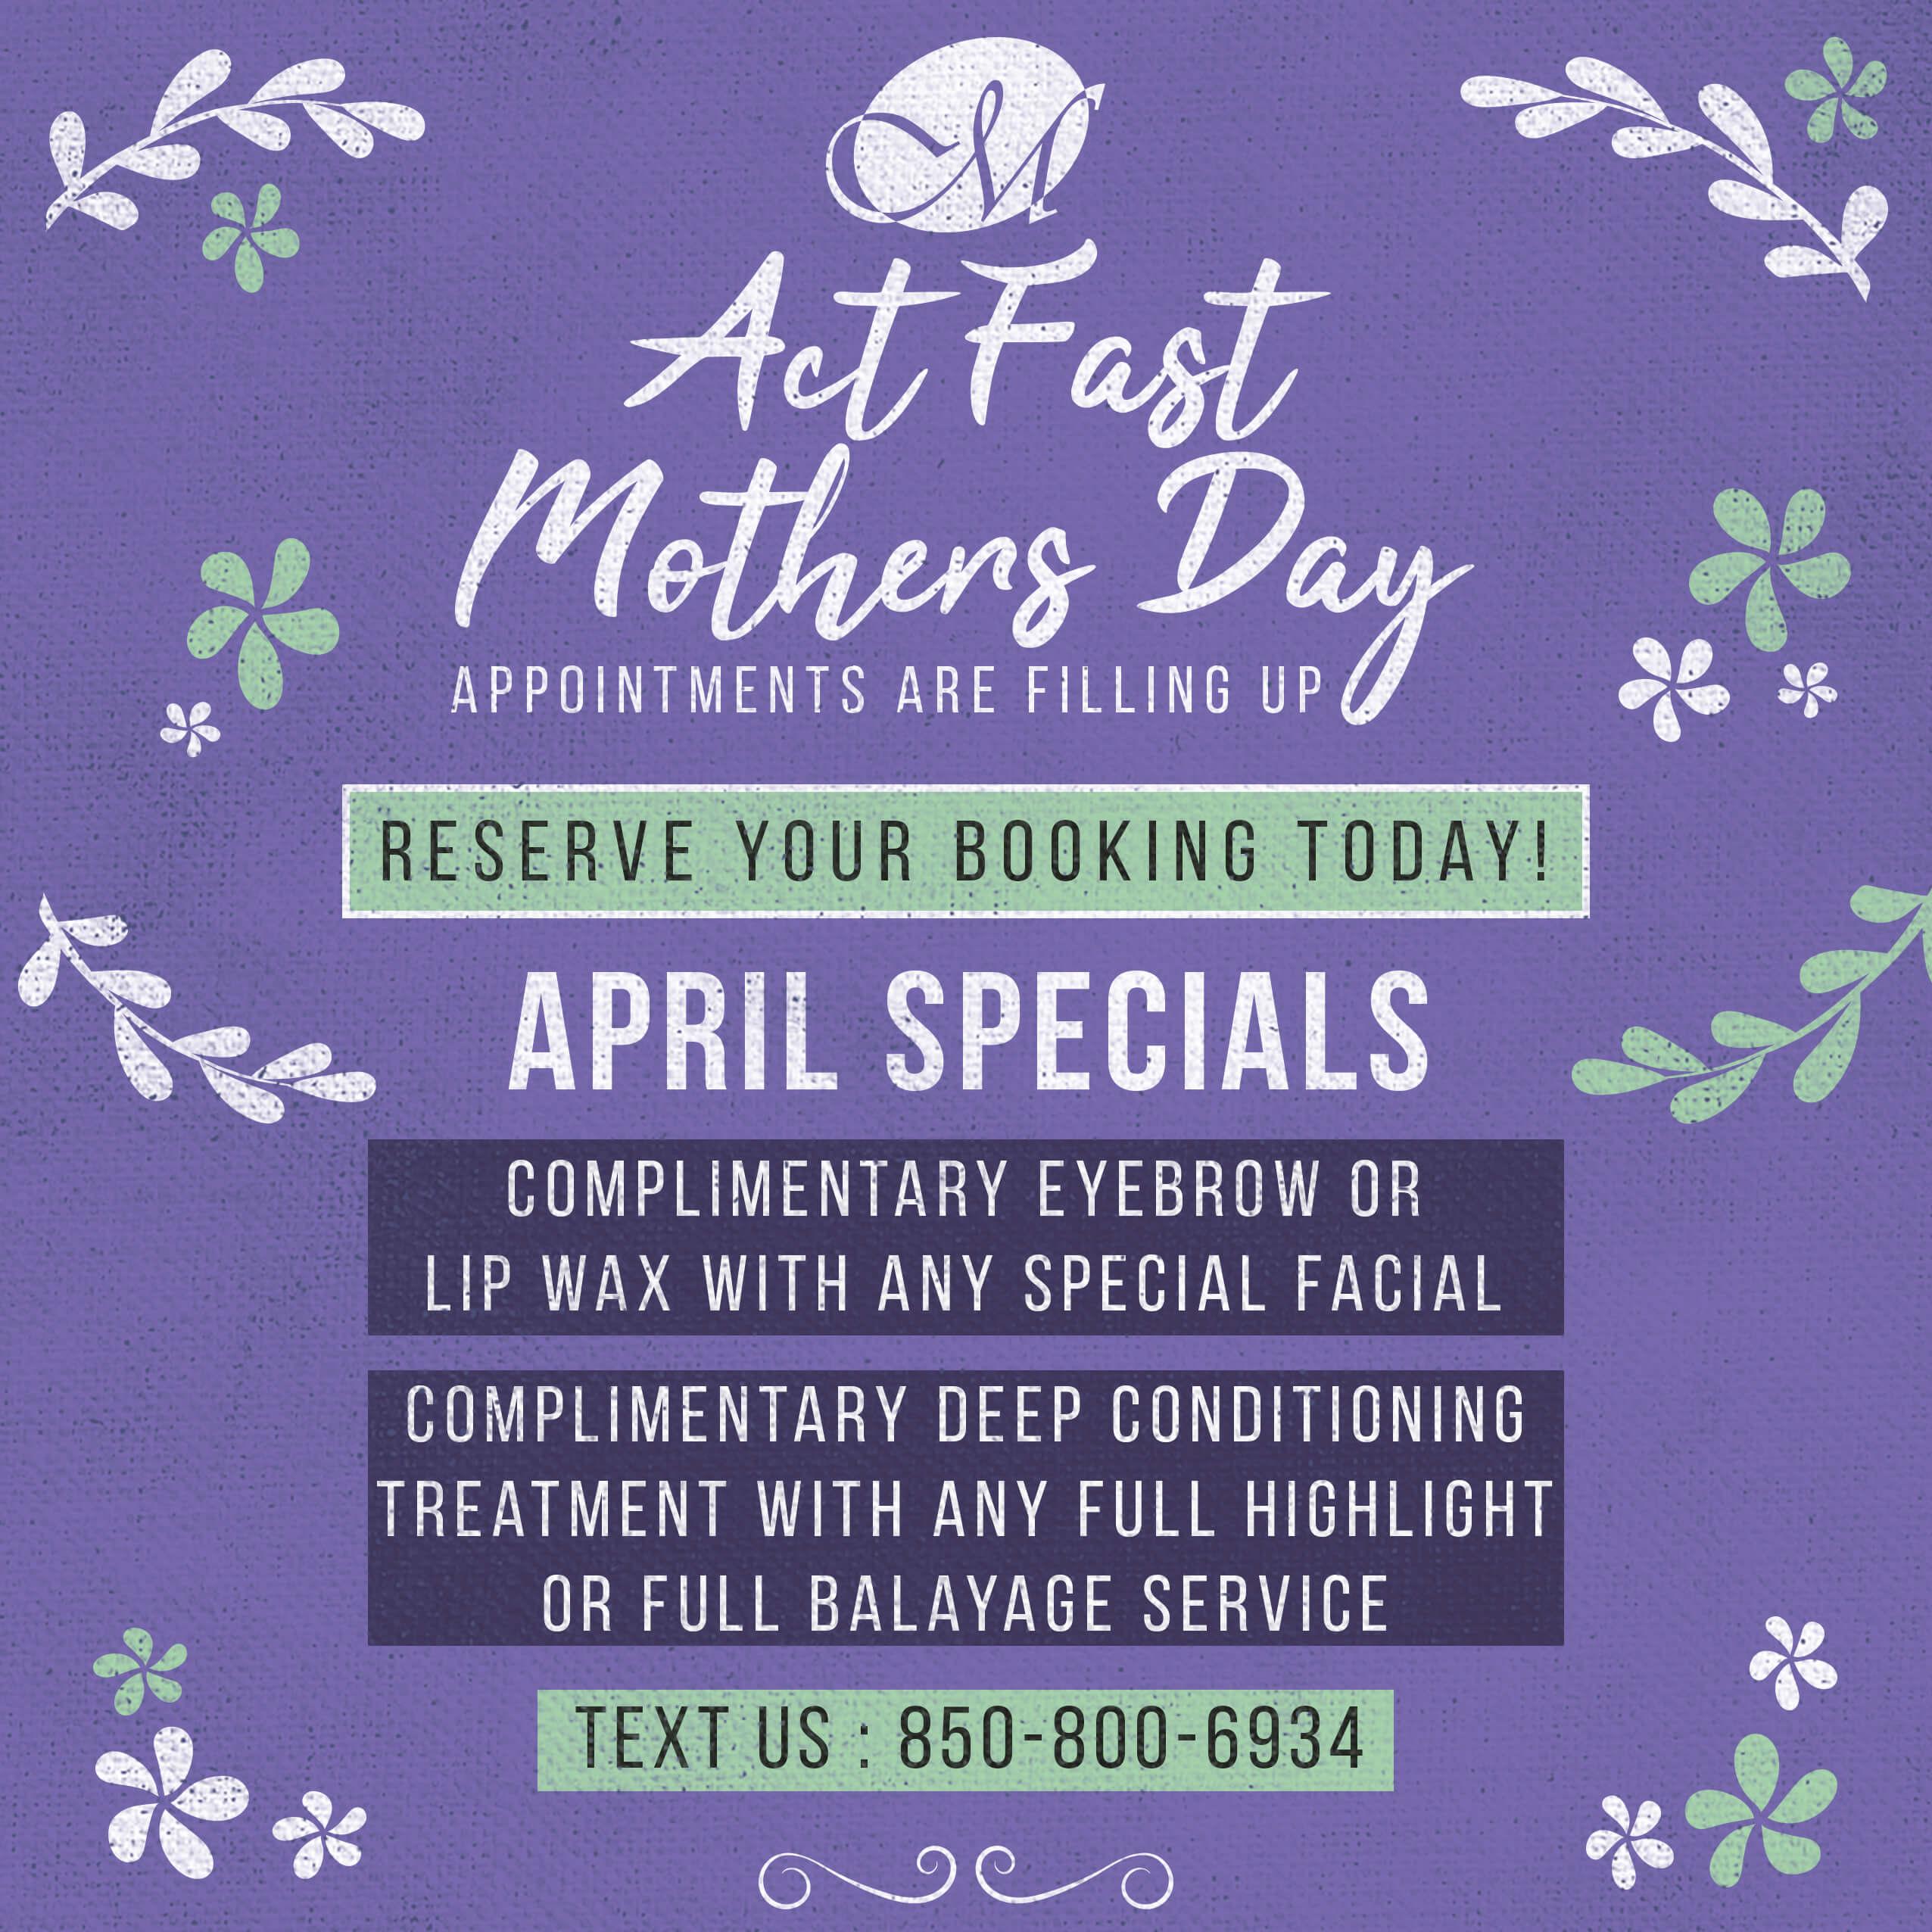 2019-03-31-april-specials-midtown-web